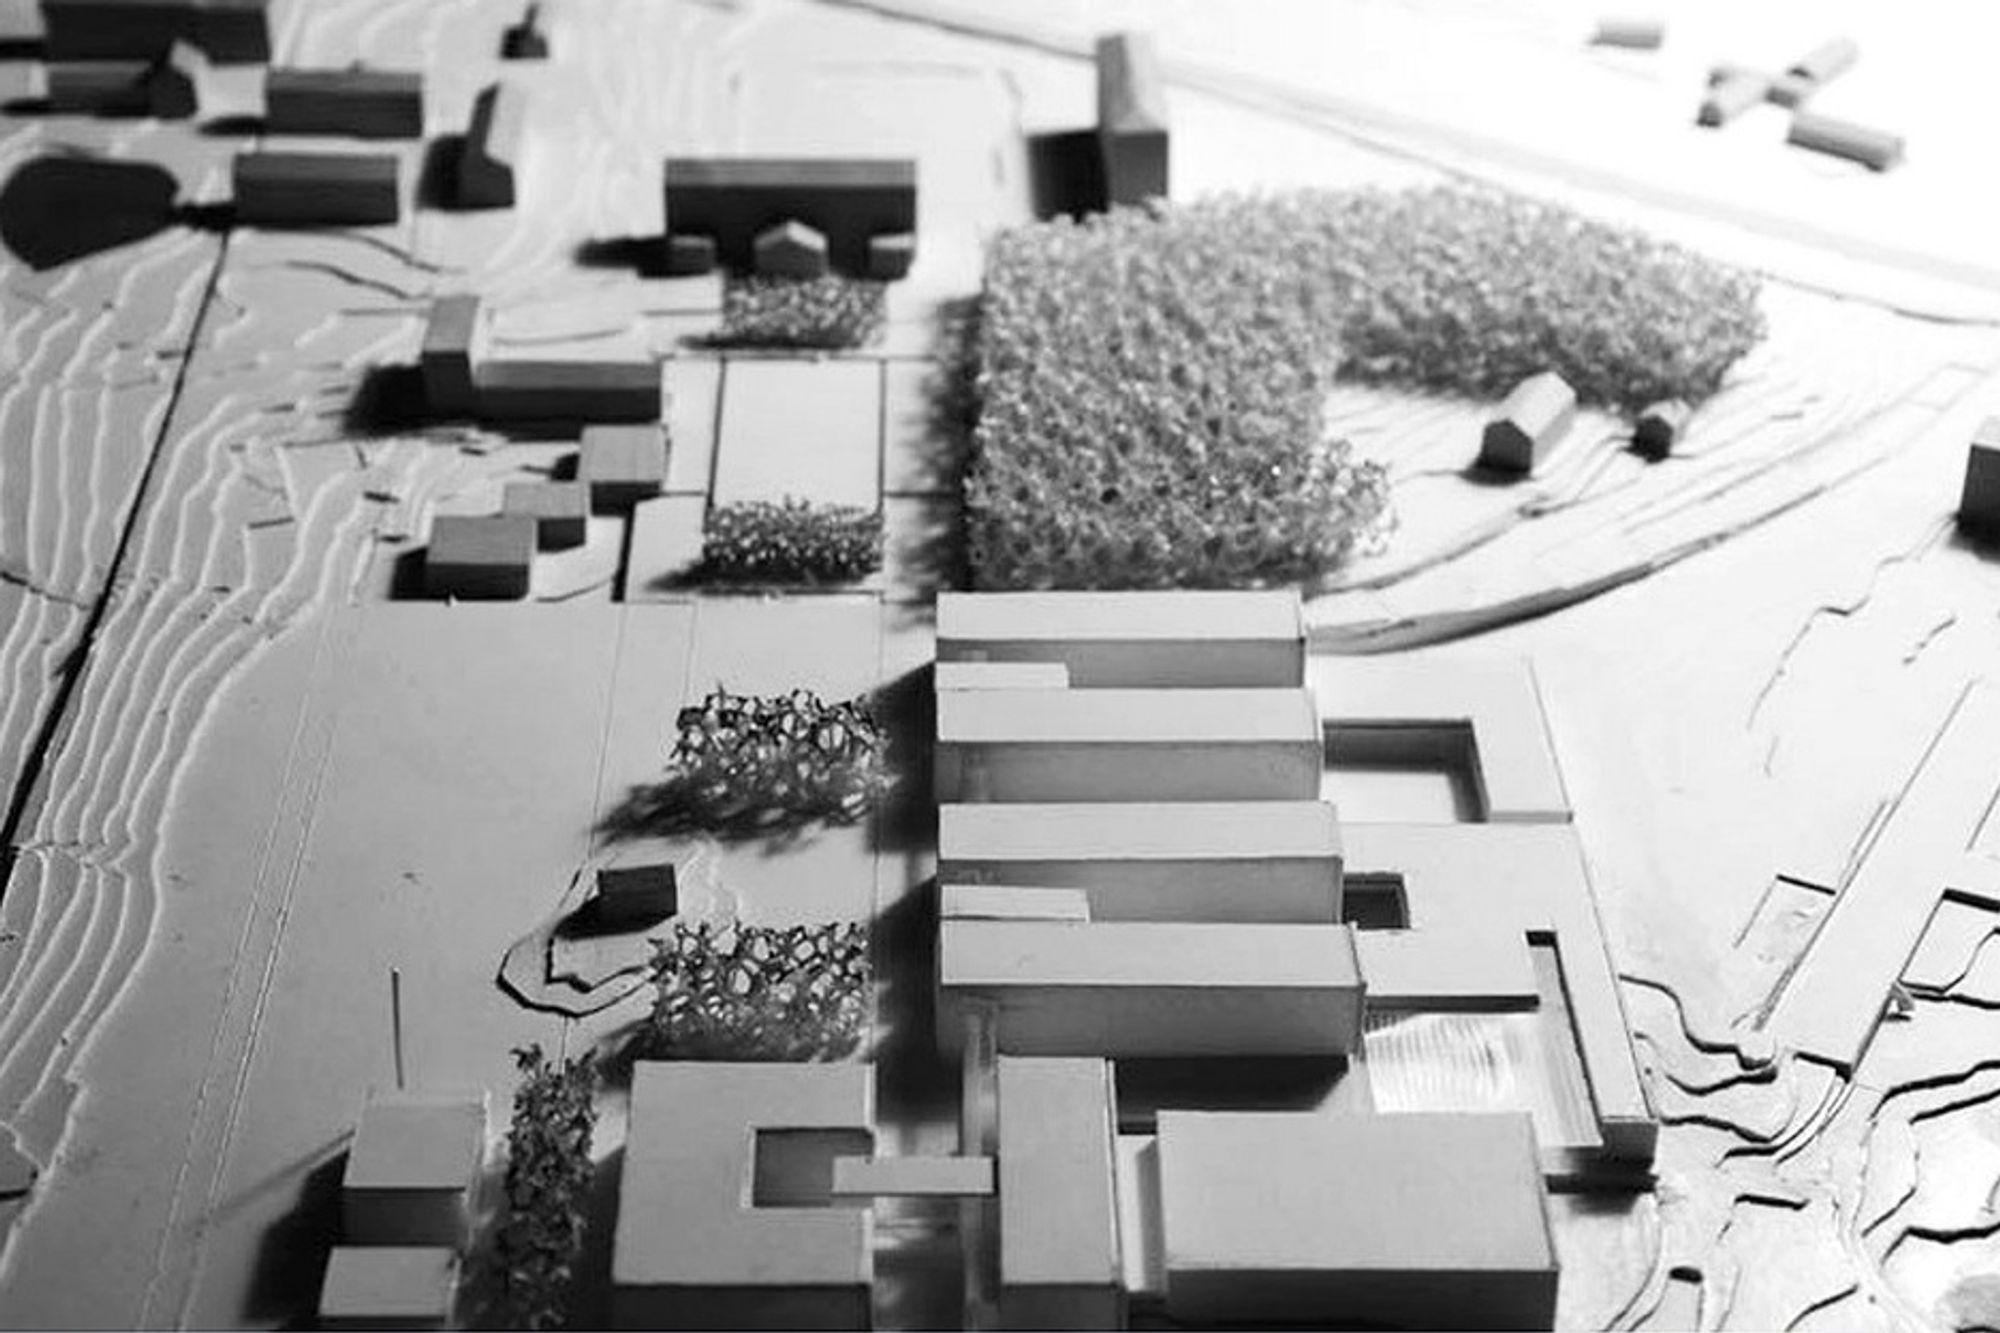 FRA NORD: Sett fra nordsiden kommer det klart frem at de kommende bggene blir mye større enn de gamle eksisterende byggene på UMB. Nå ligger det an til ti nybygg.